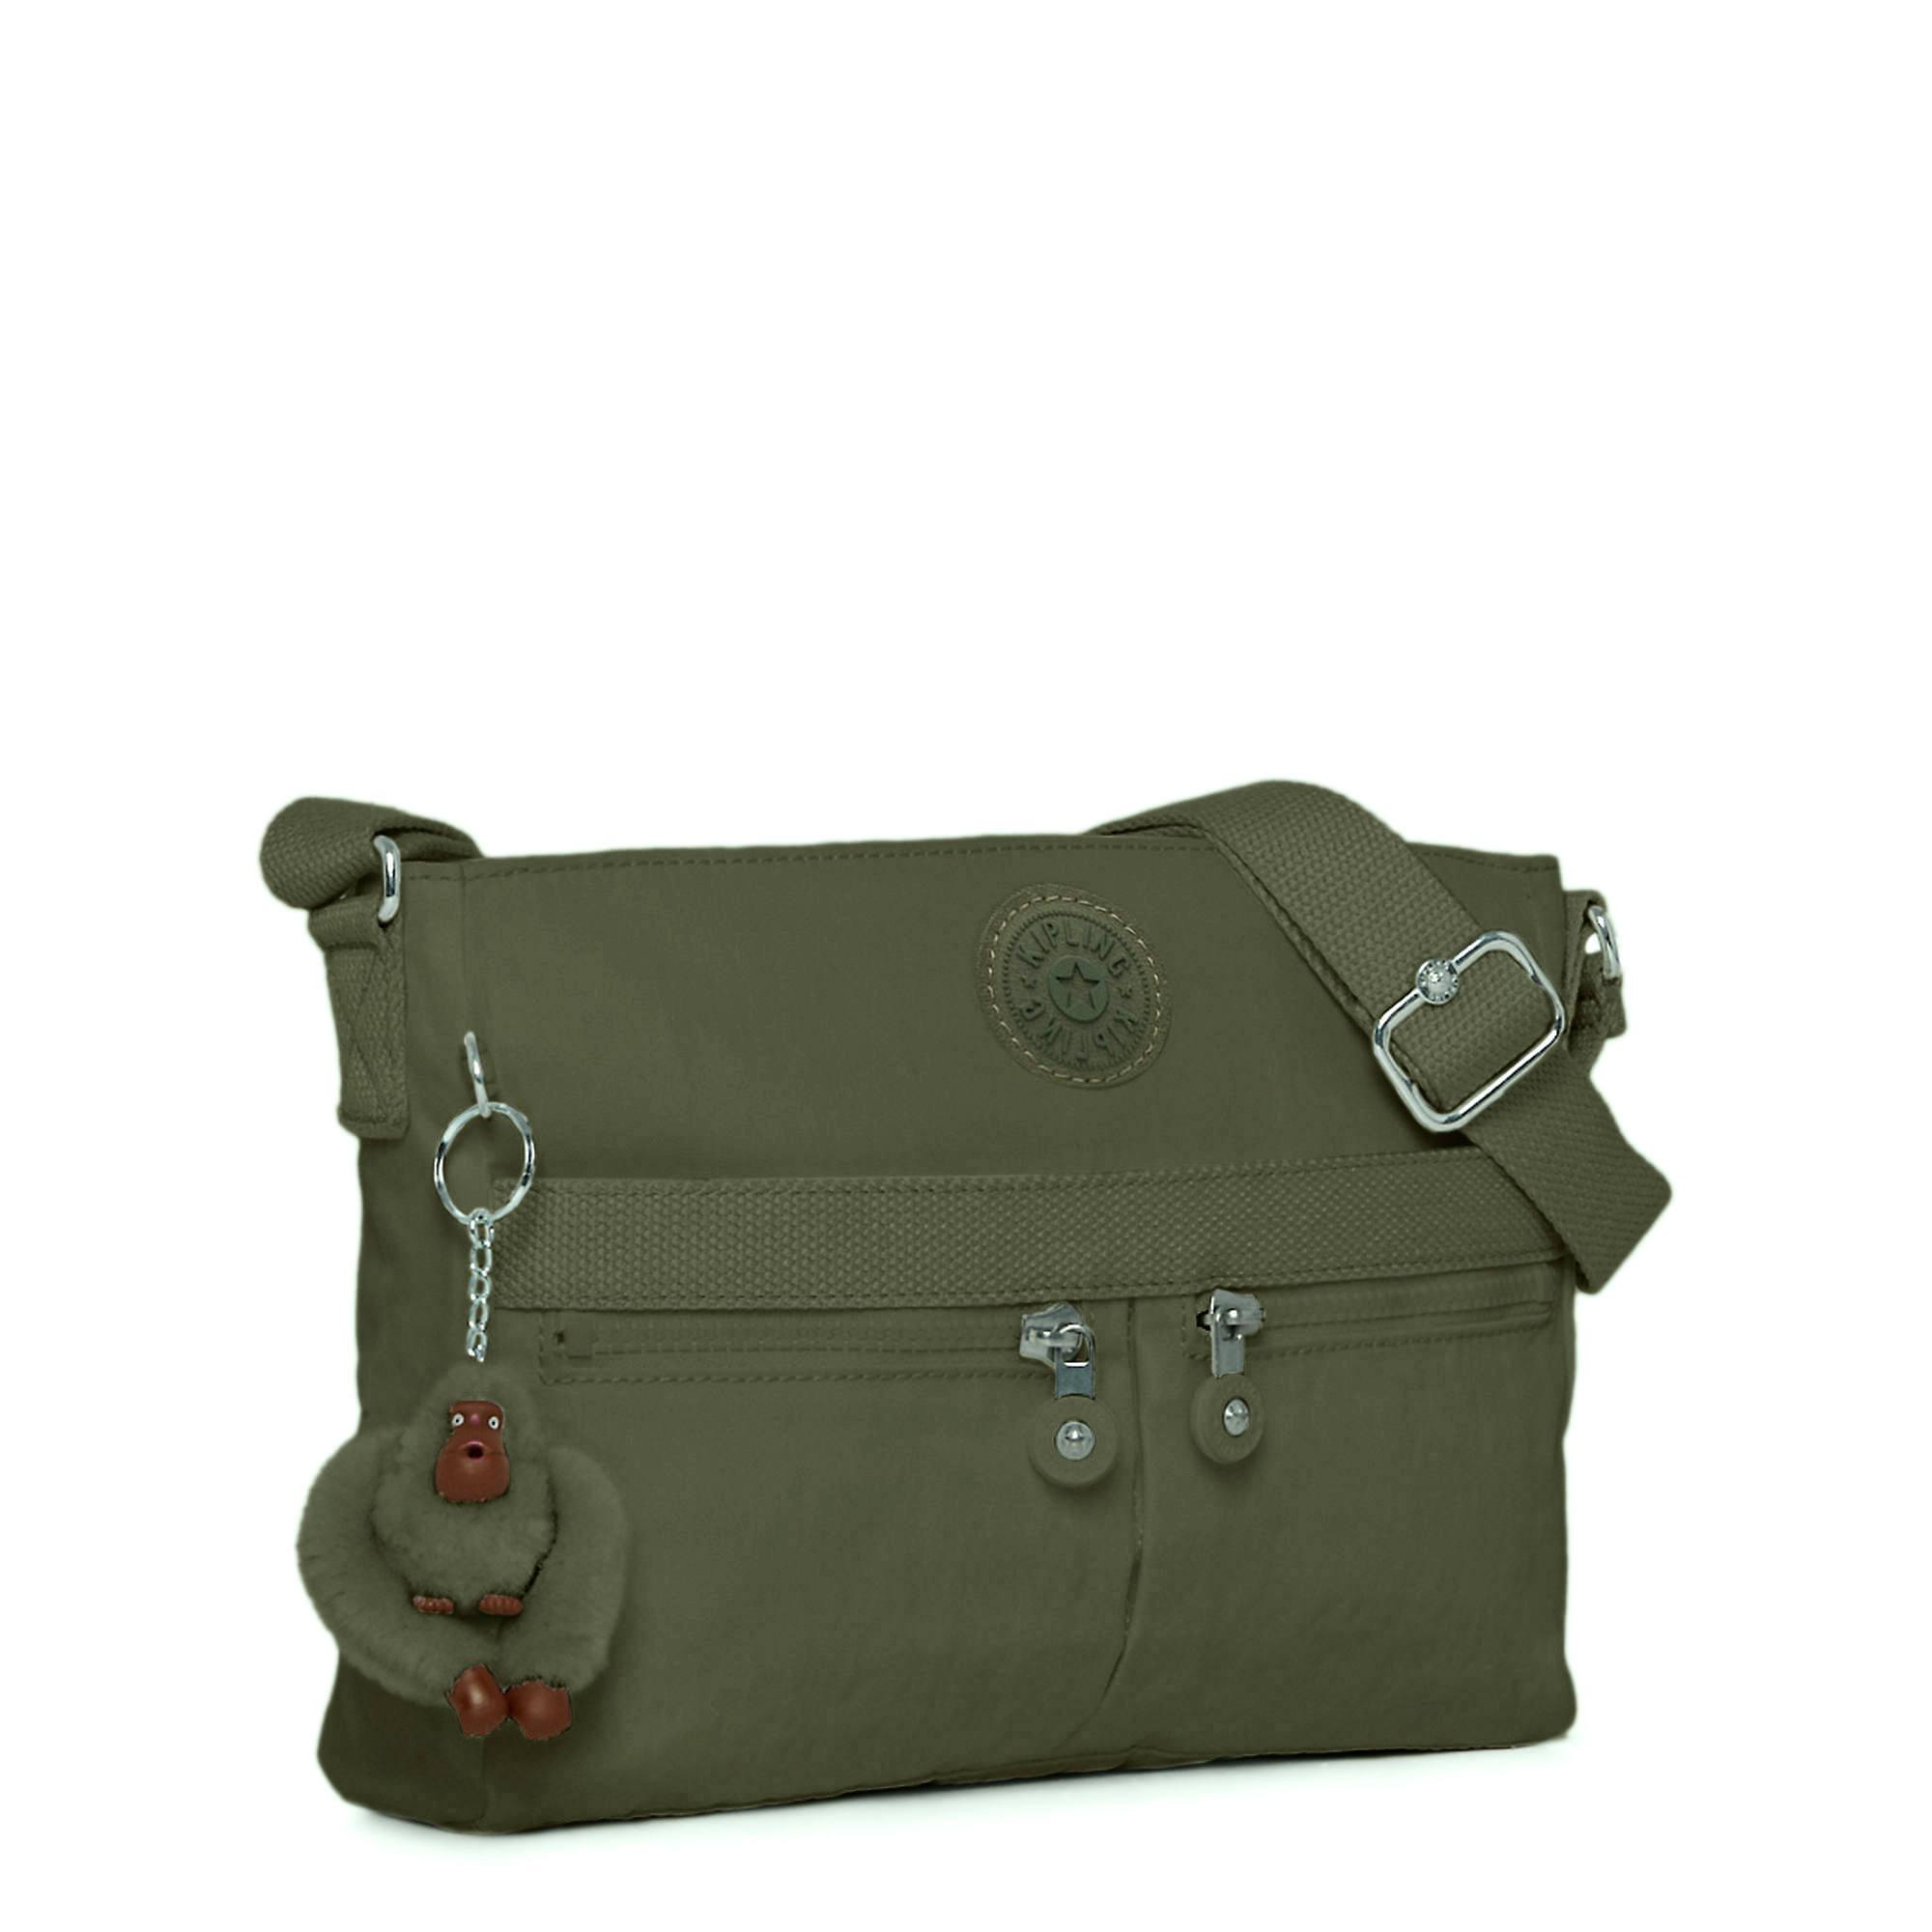 477e99da9 Angie Handbag,Jaded Green Tonal Zipper,large